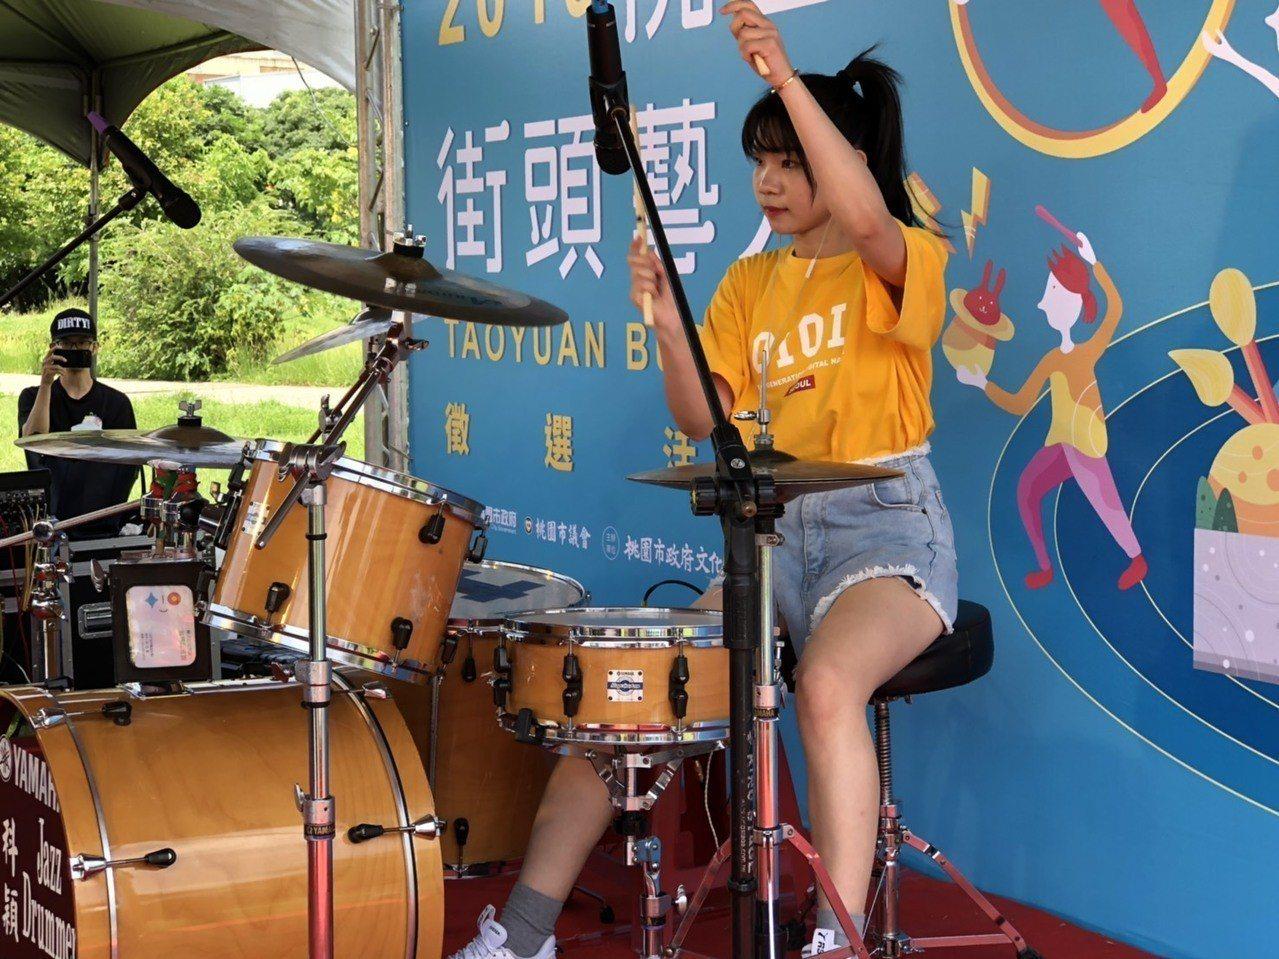 知名街頭藝人李侑真表演爵士鼓。圖/桃園市文化局提供